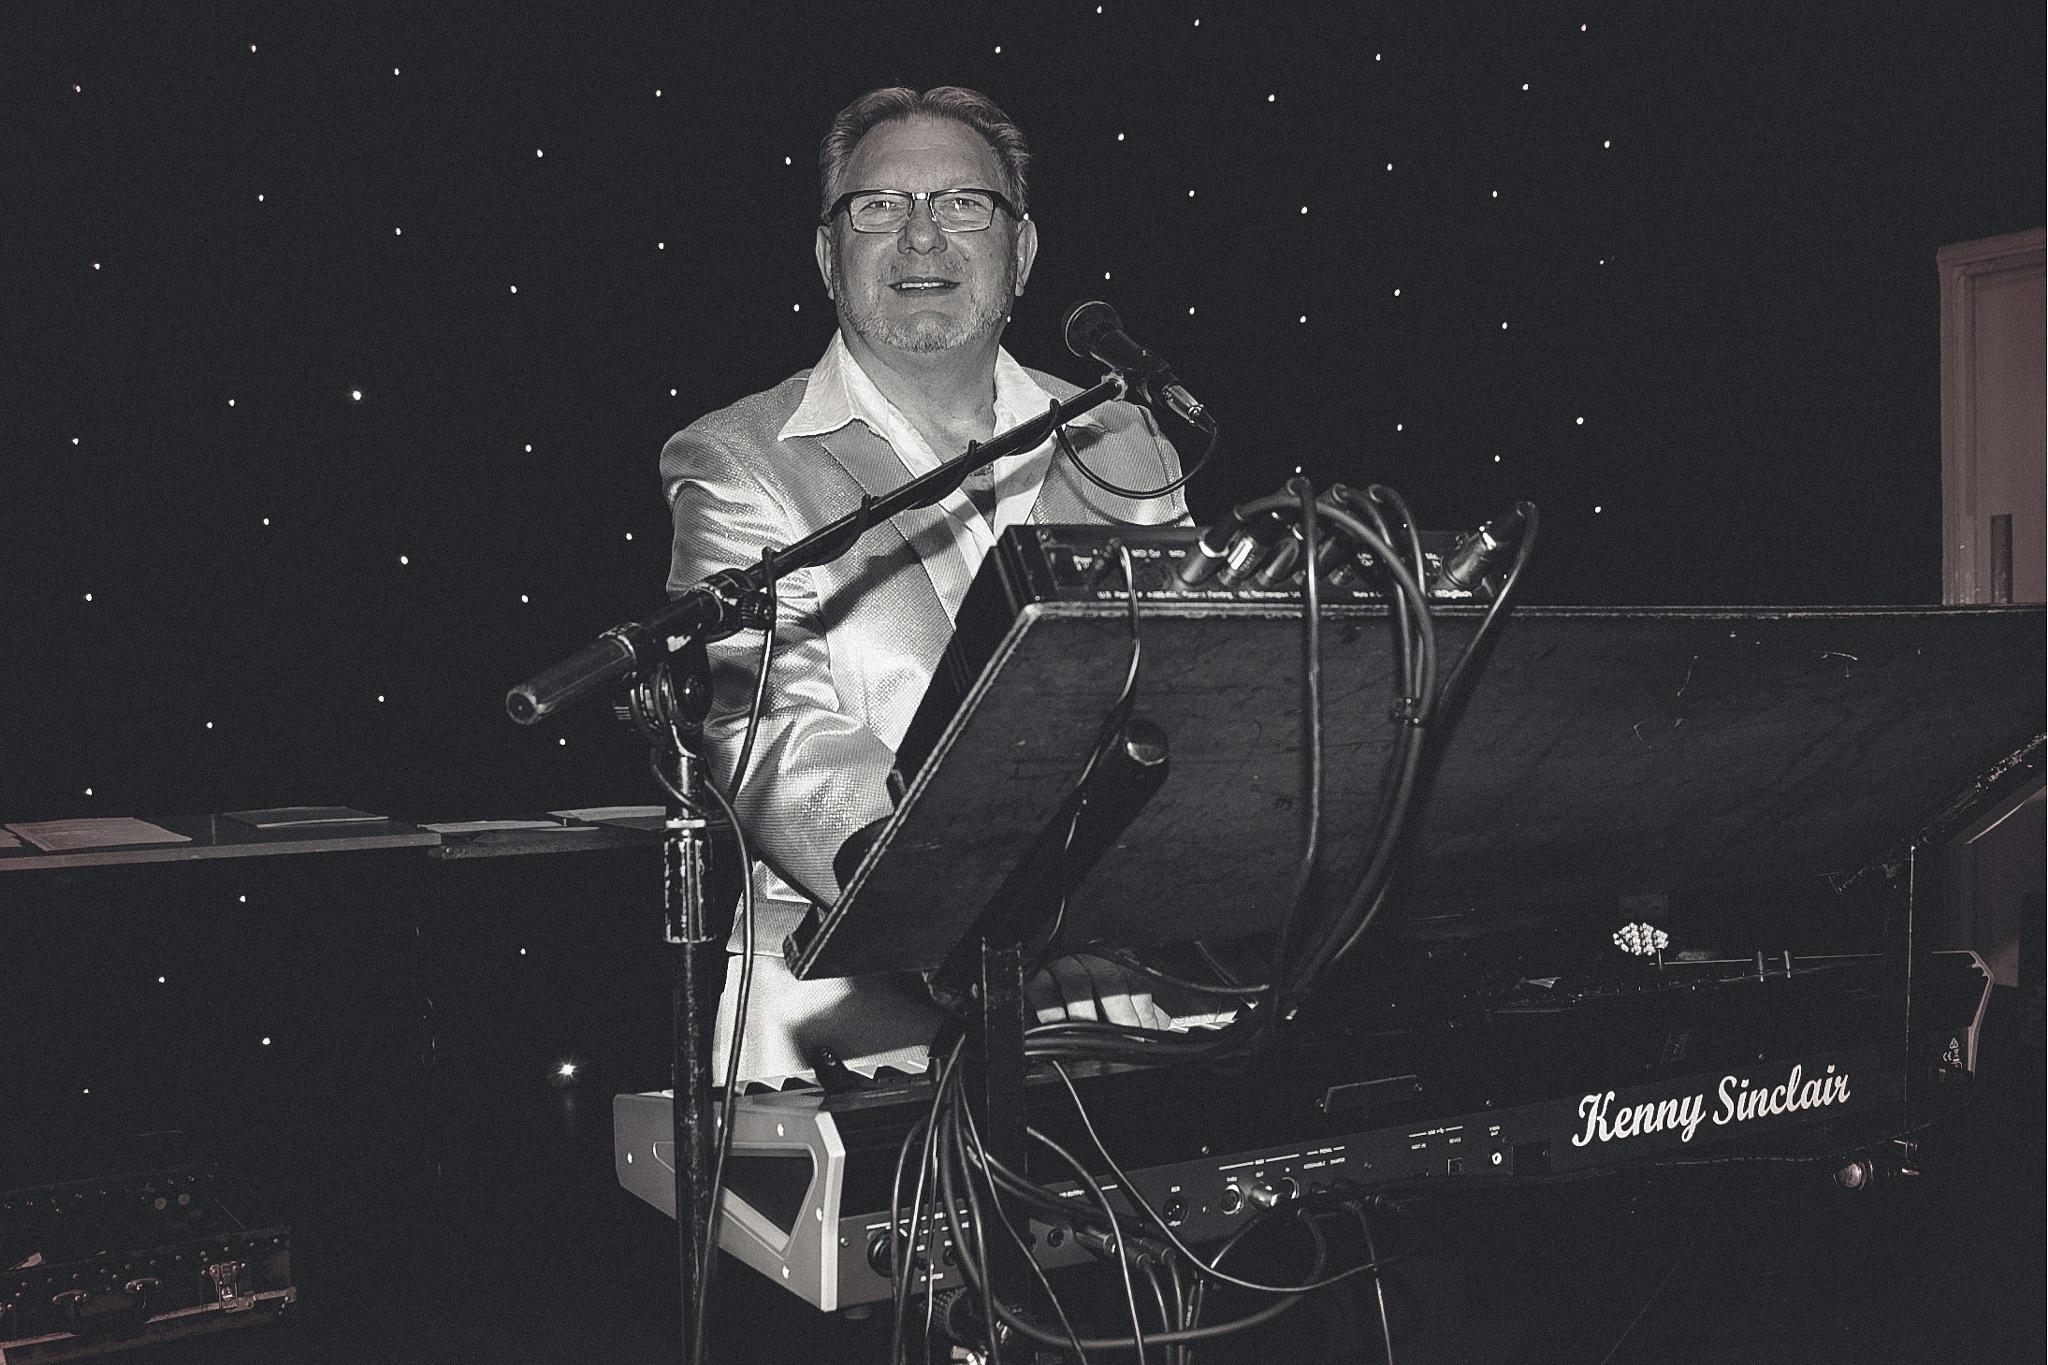 Kenny Sinclair by Ian Gardner